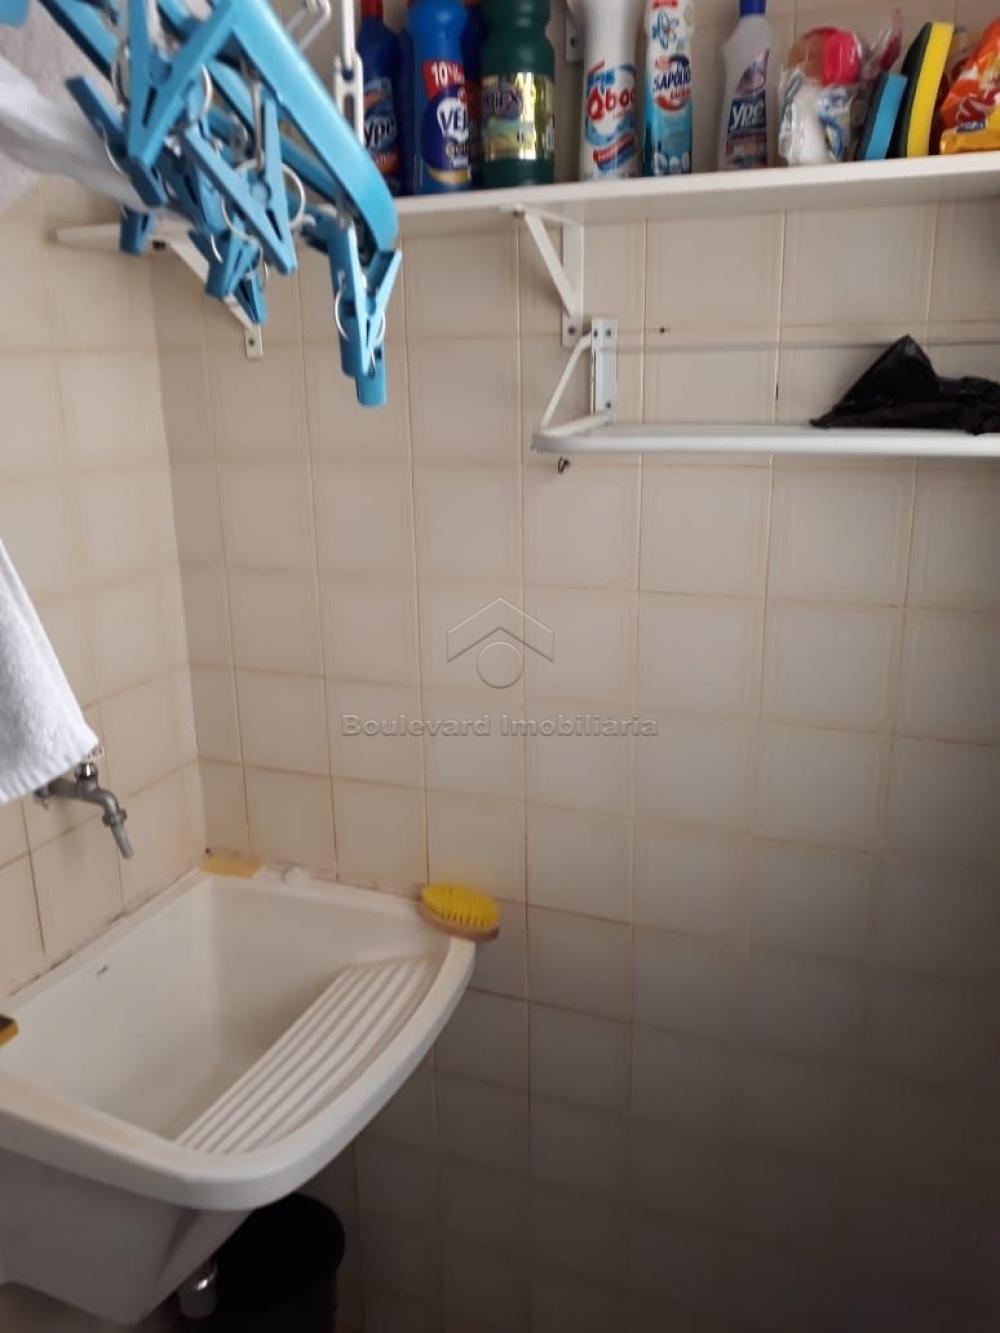 Comprar Apartamento / Padrão em Ribeirão Preto apenas R$ 180.000,00 - Foto 14